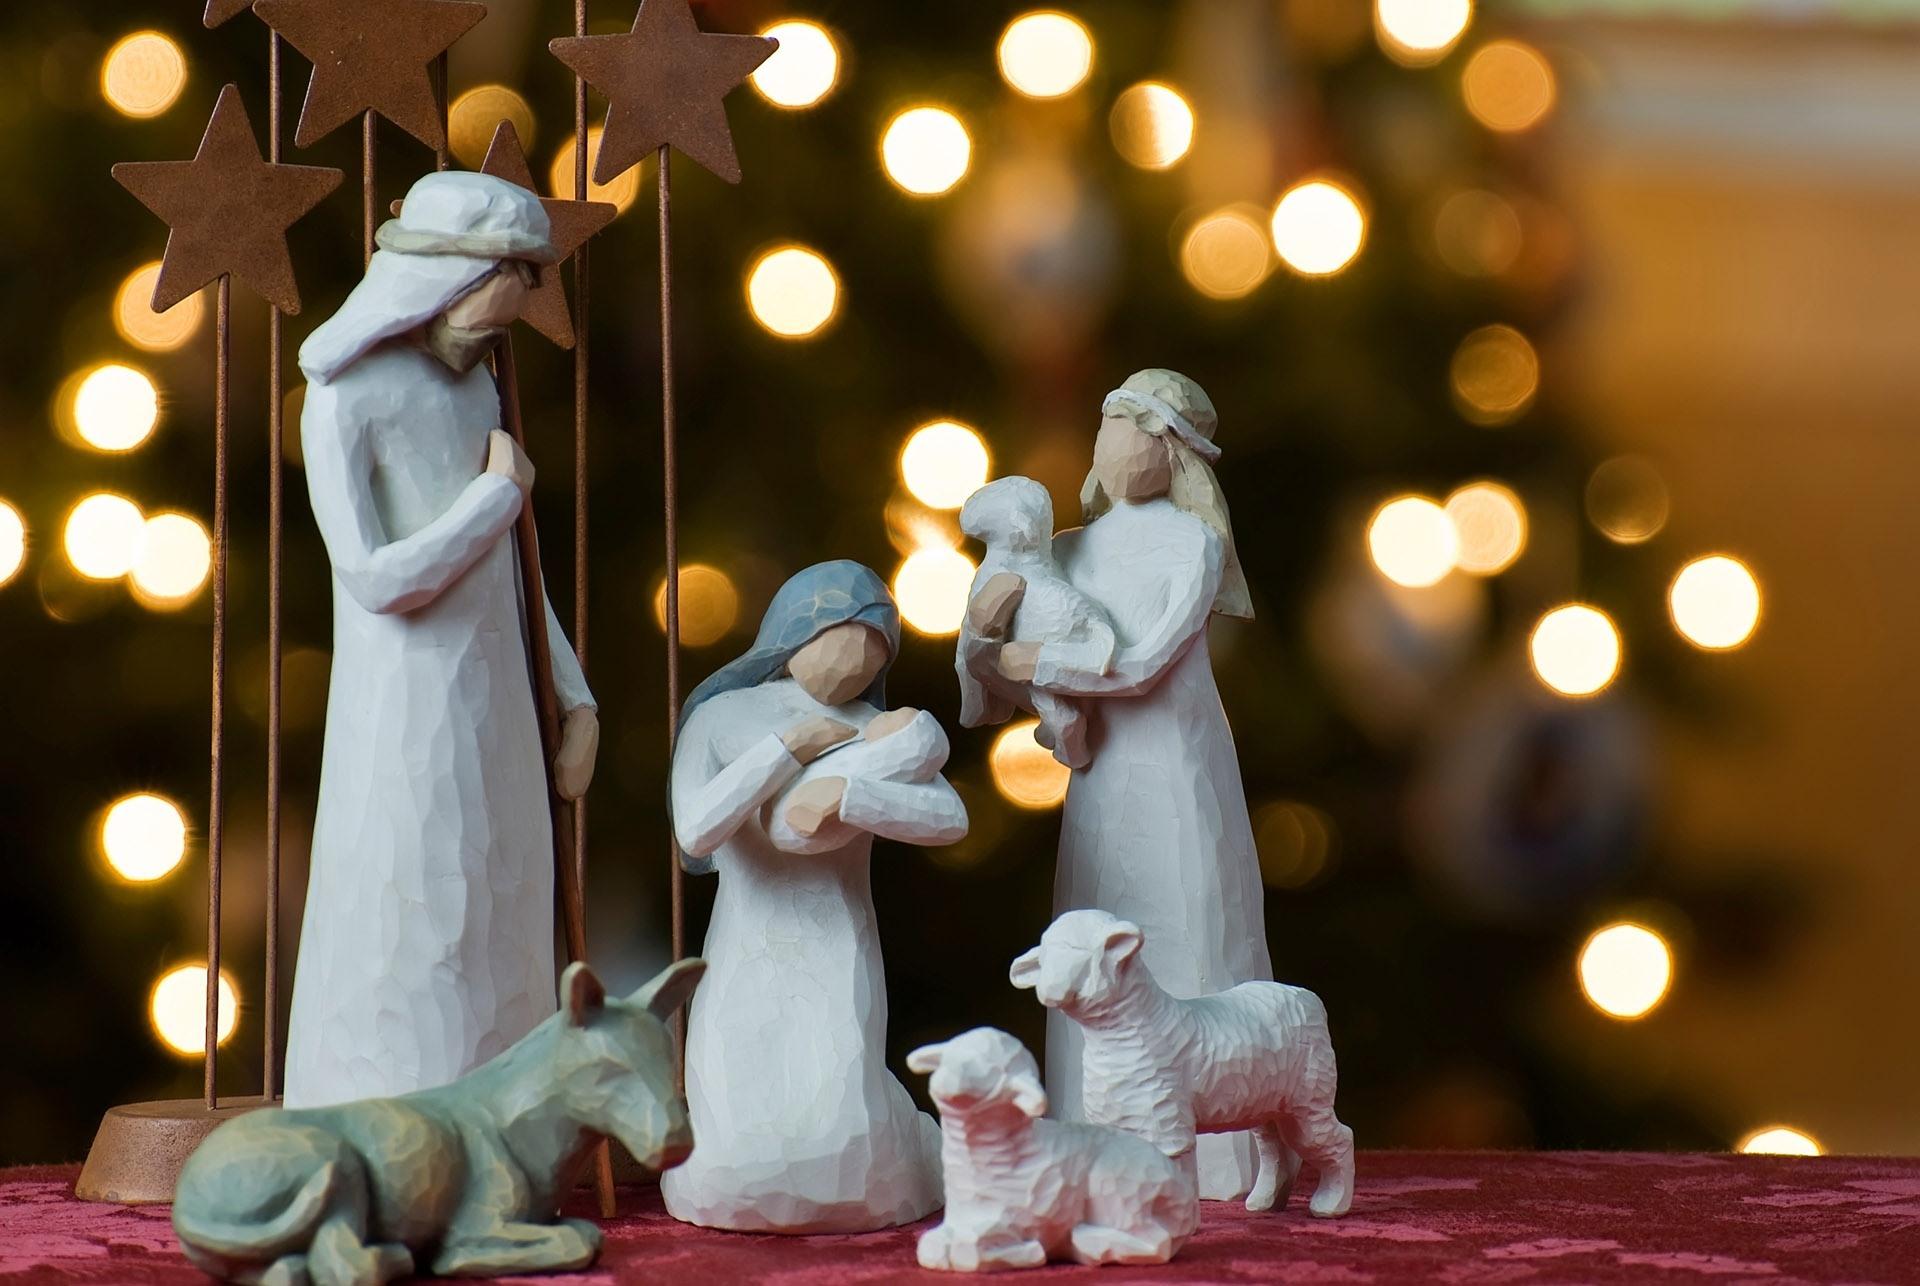 Bộ hình nền ngày chúa ra đời mừng ngày lễ giáng sinh